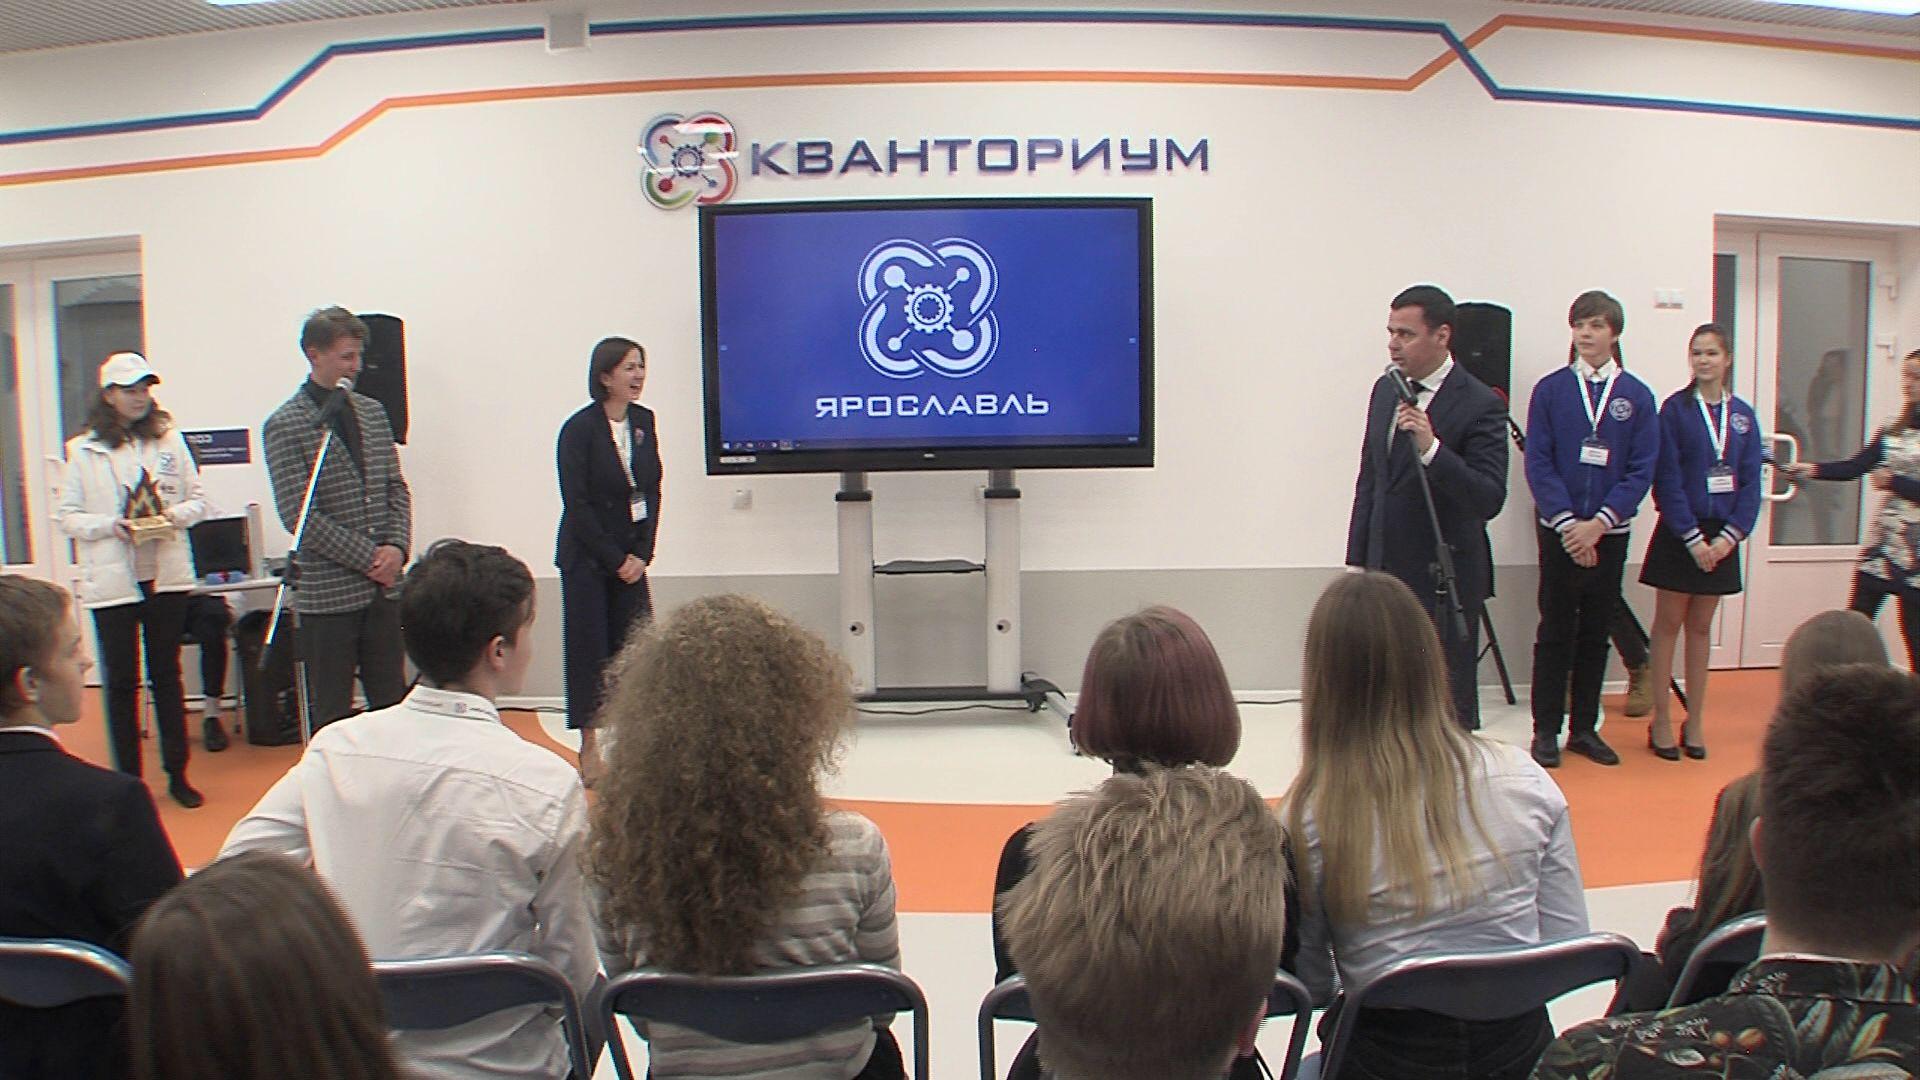 Дмитрий Миронов открыл в Ярославле первый «Кванториум»